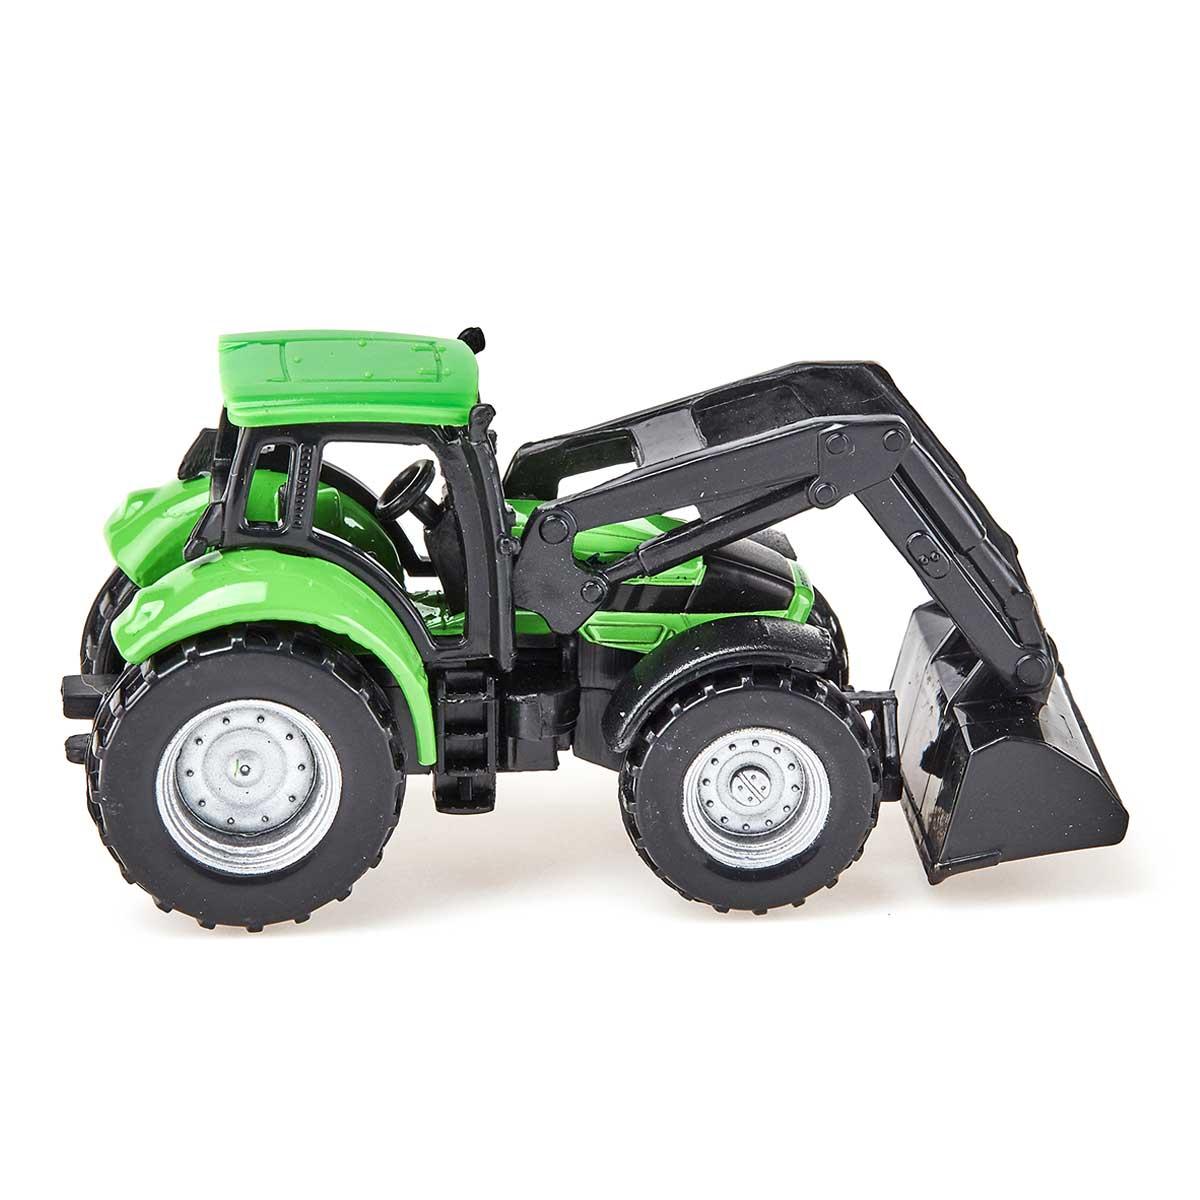 DEUTZ-FAHR トラクター フロントローダー付き